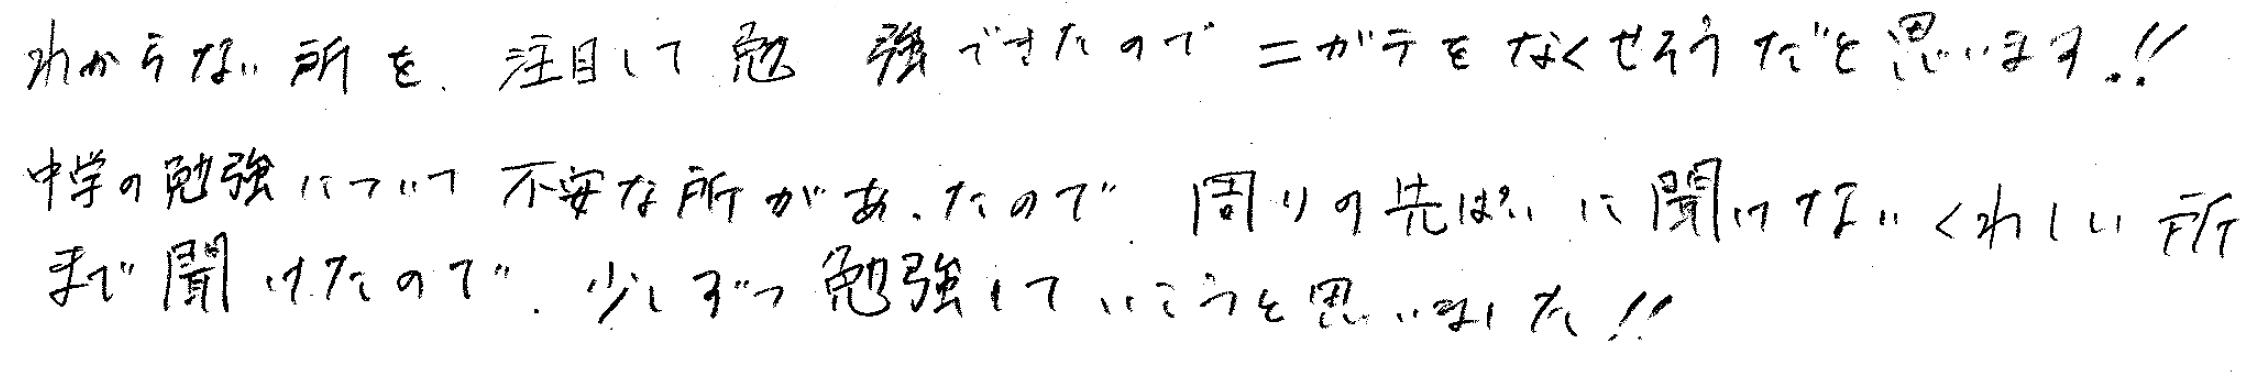 Aちゃん(大村市)からの口コミ